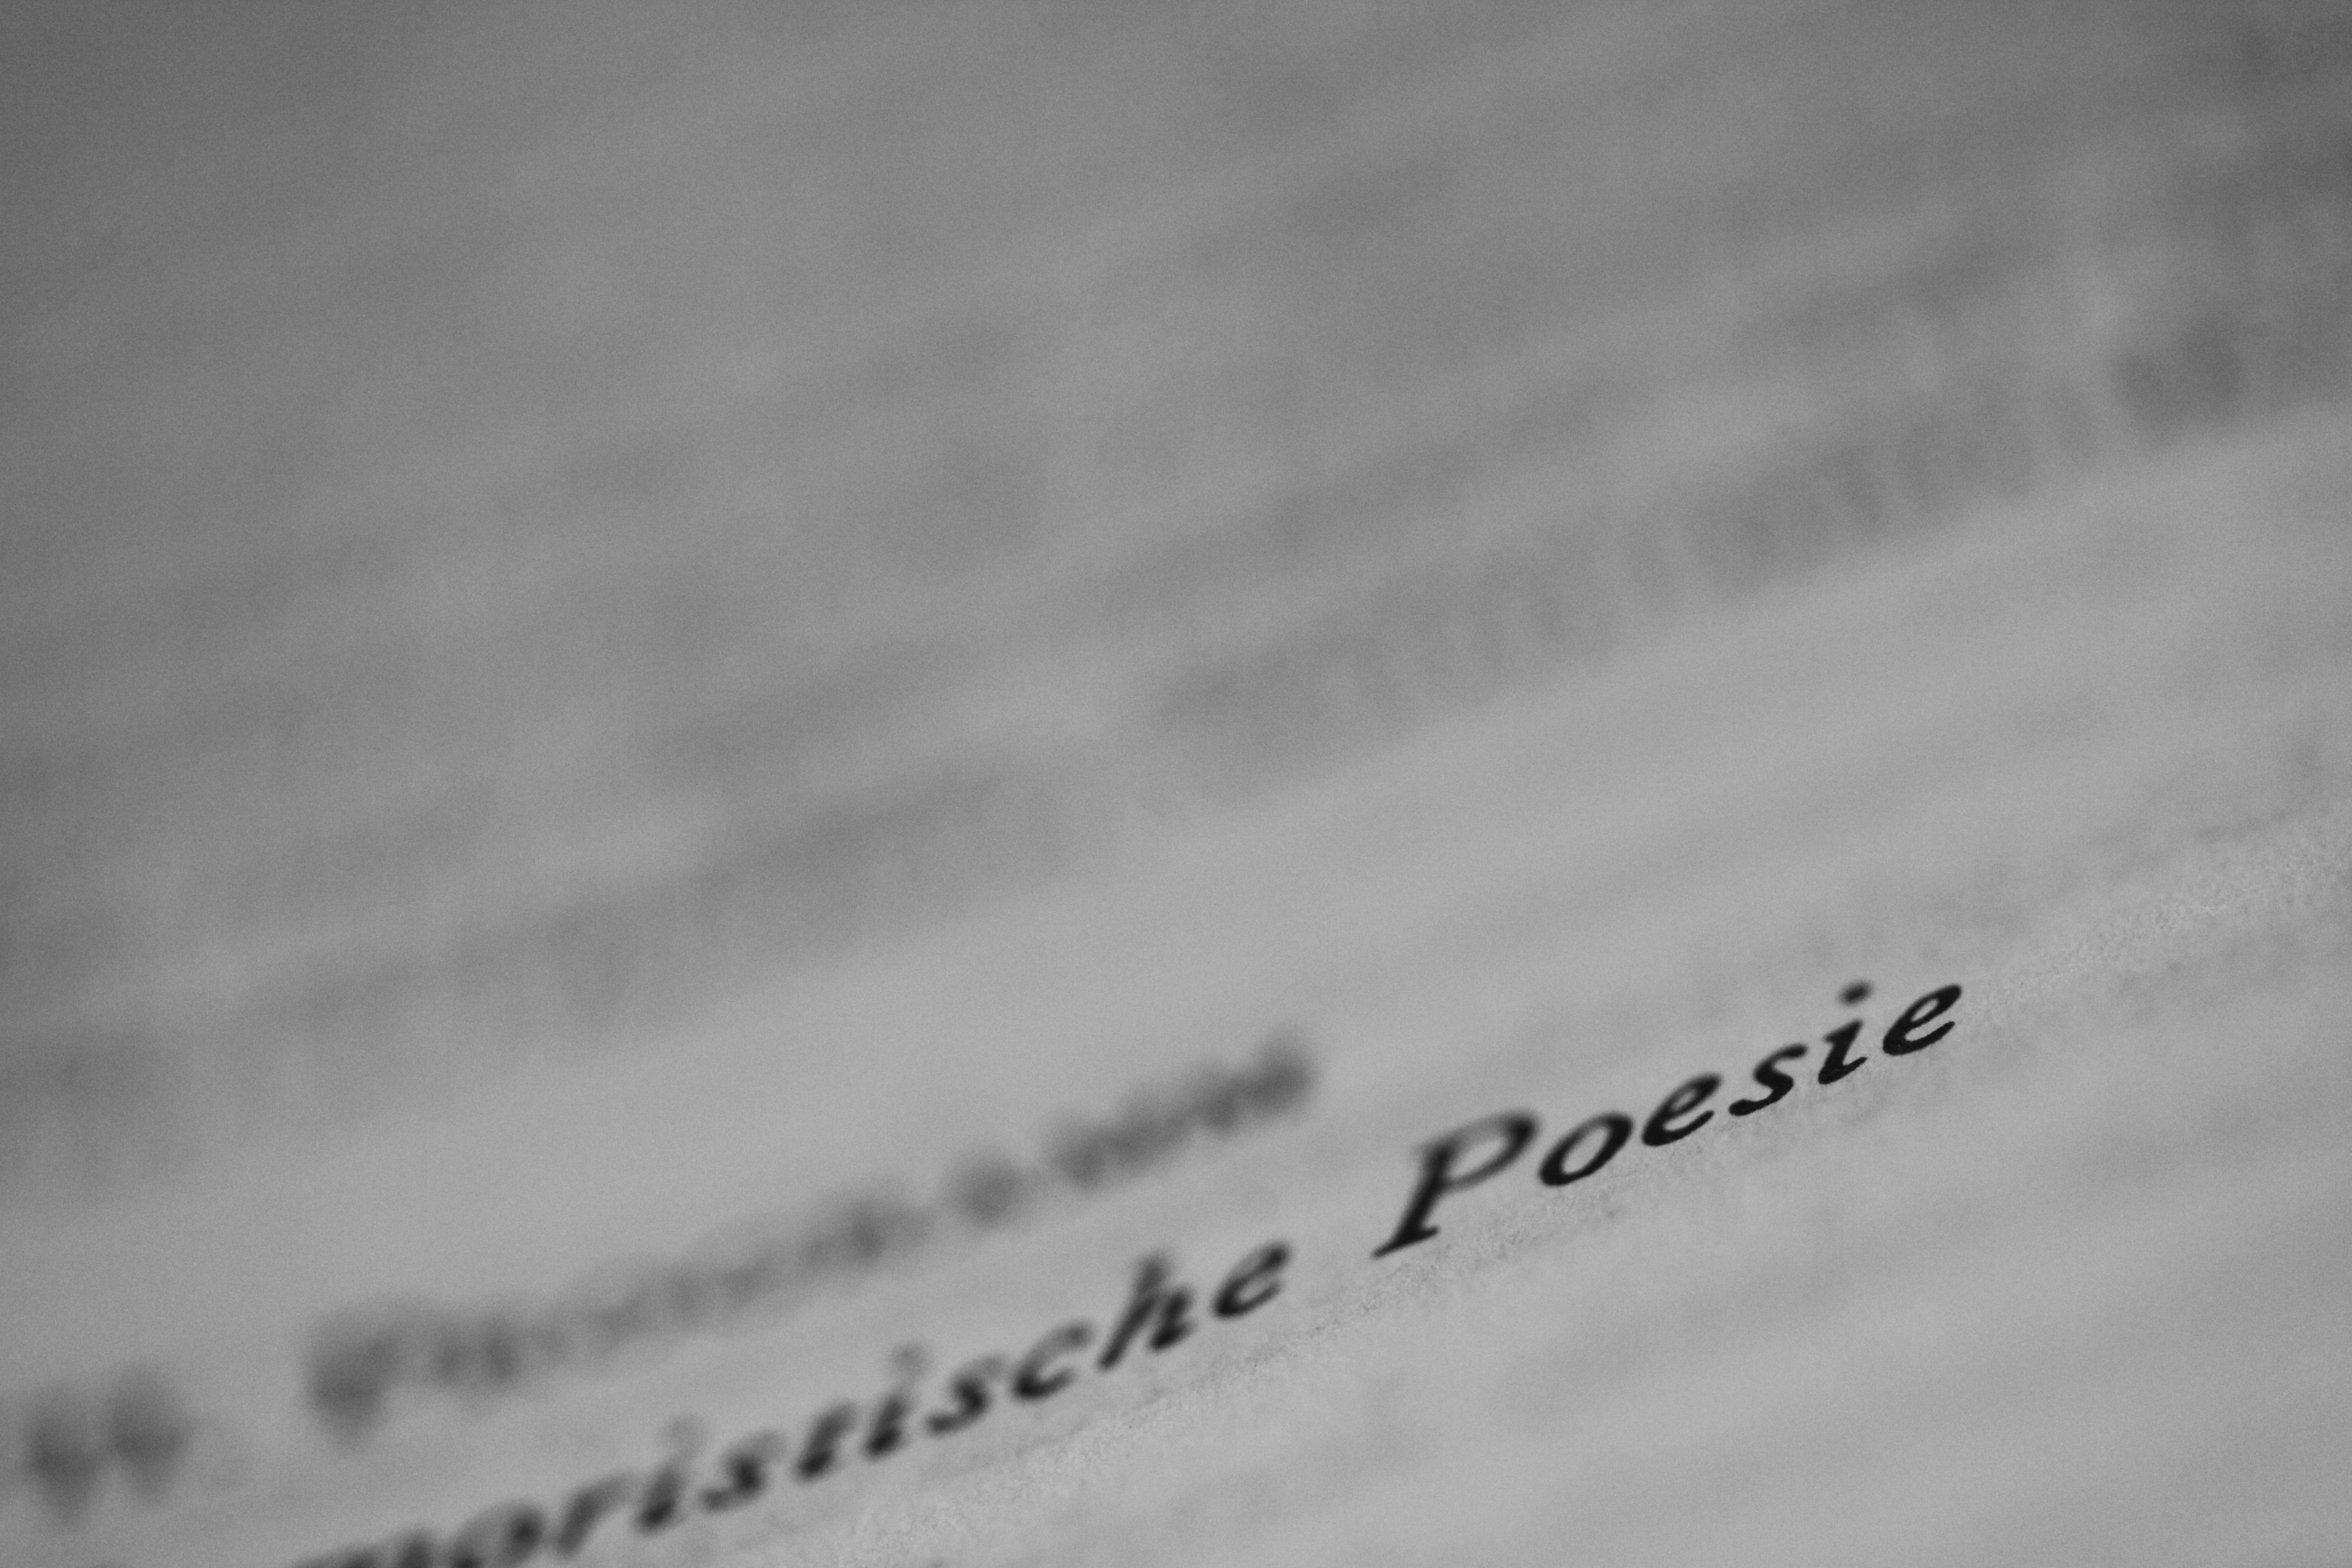 macrophotographie d'une page de livre, le mot poésie est lisible